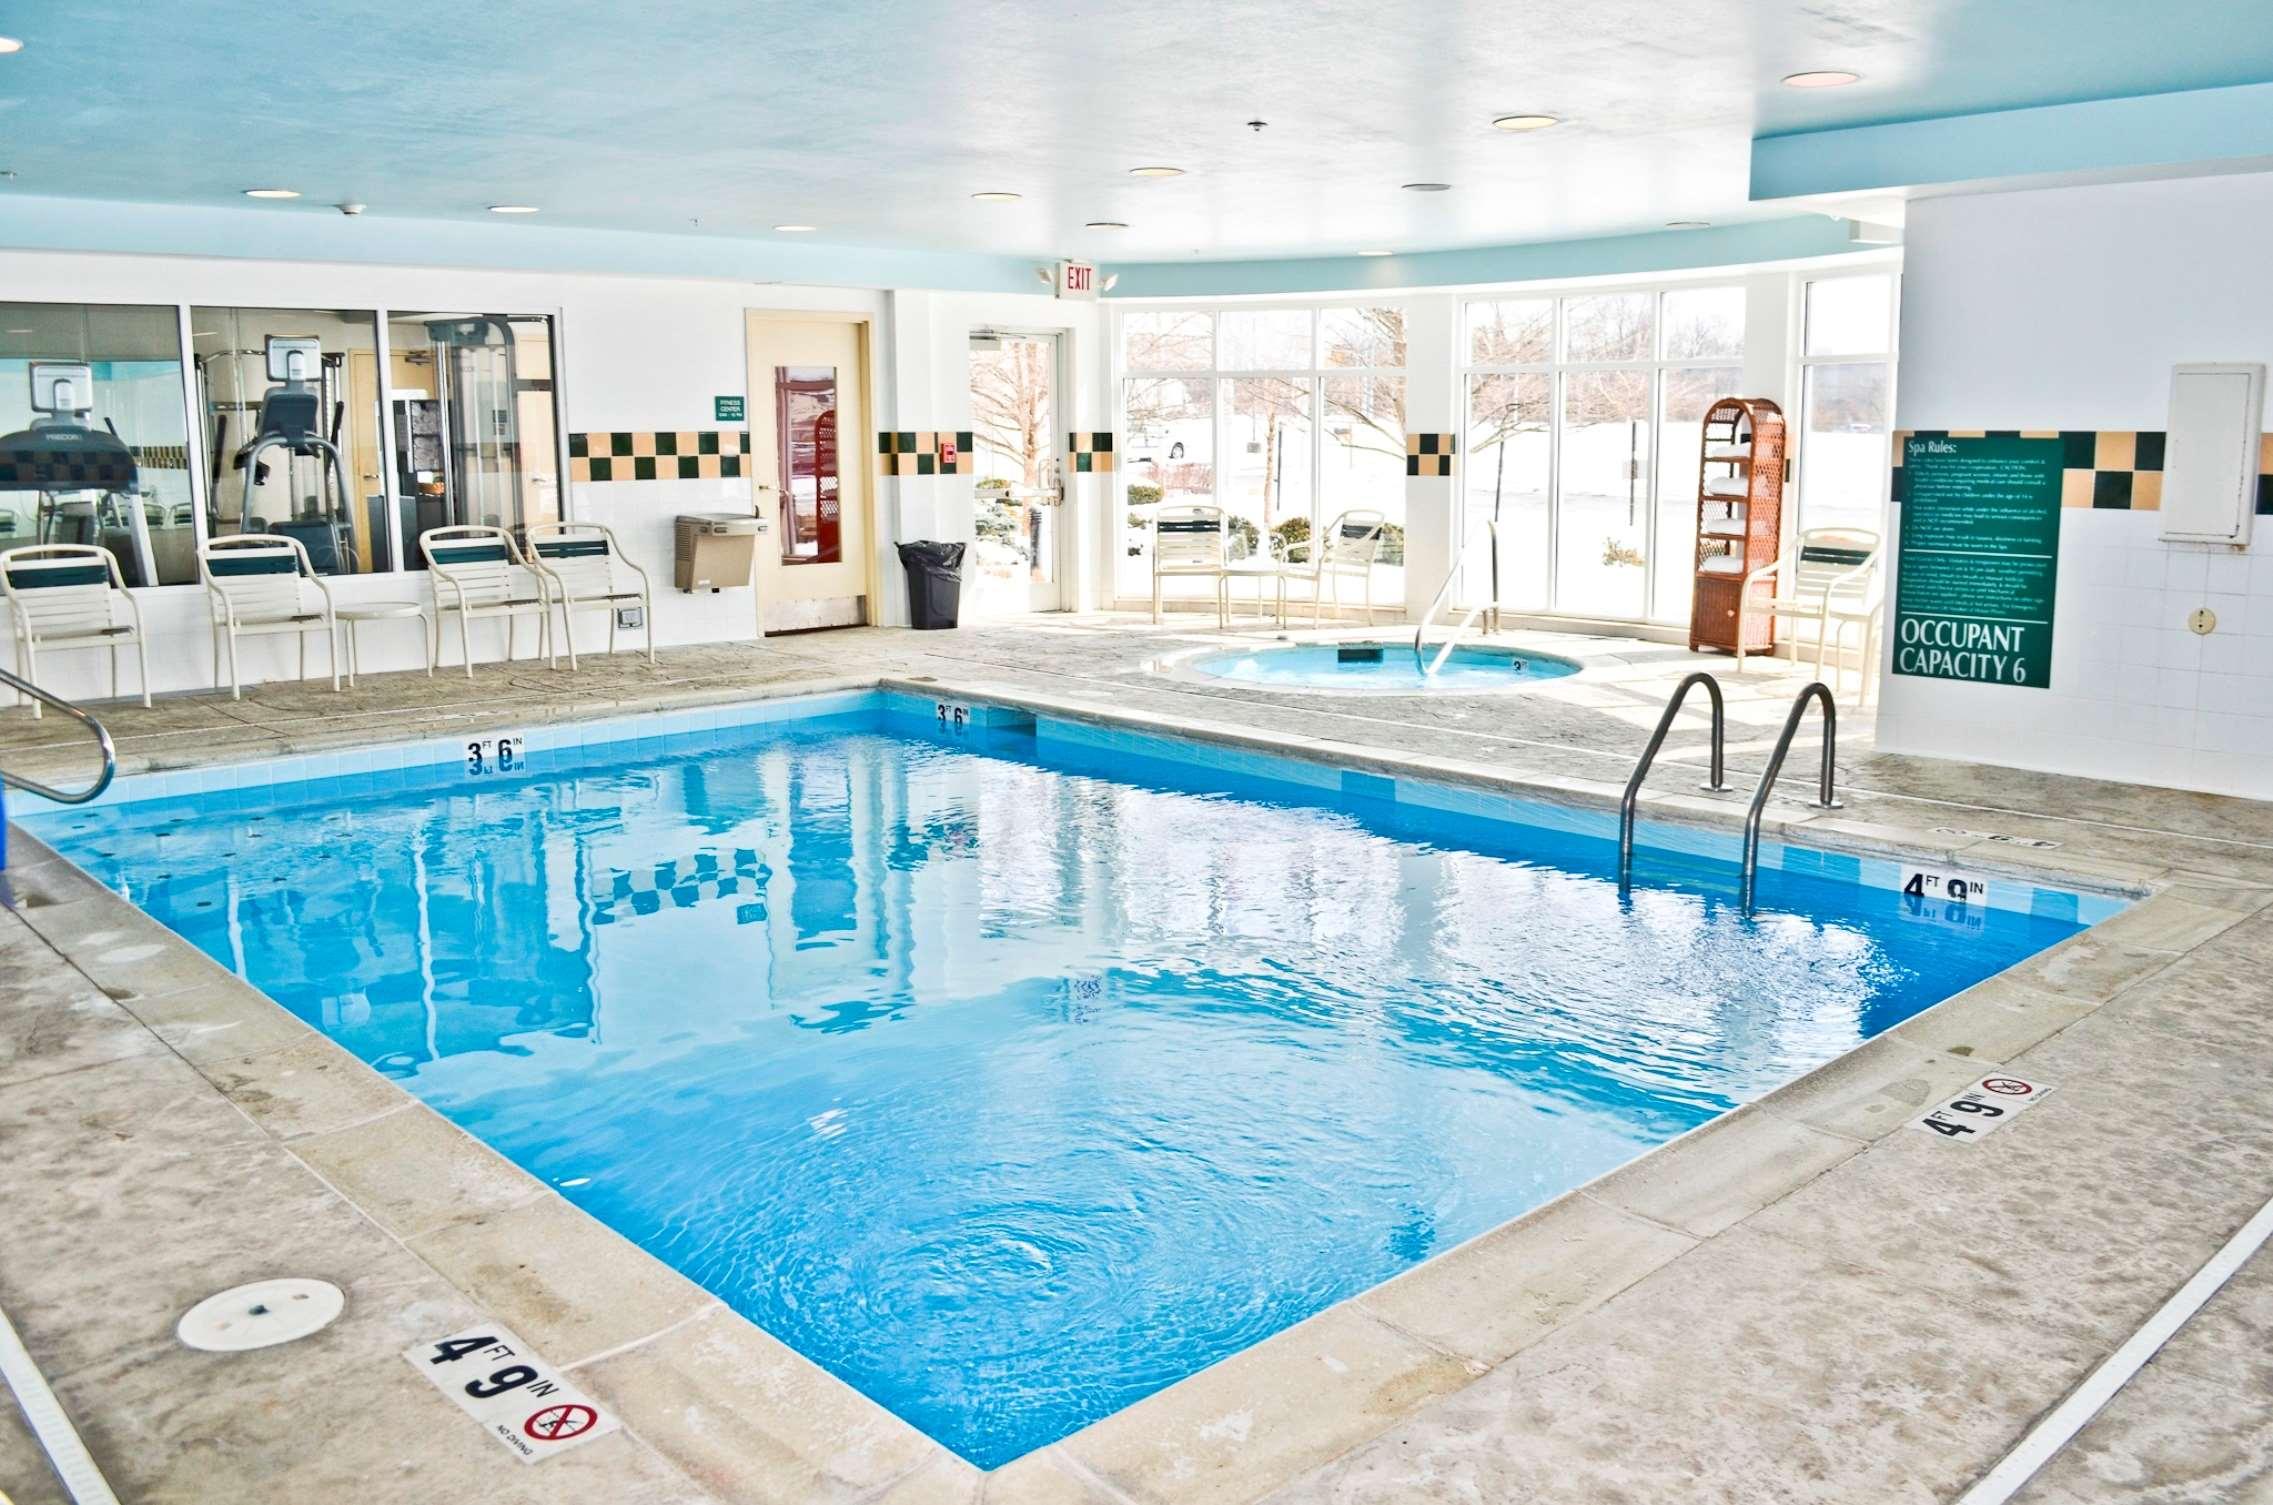 Hilton Garden Inn Cincinnati Northeast image 5